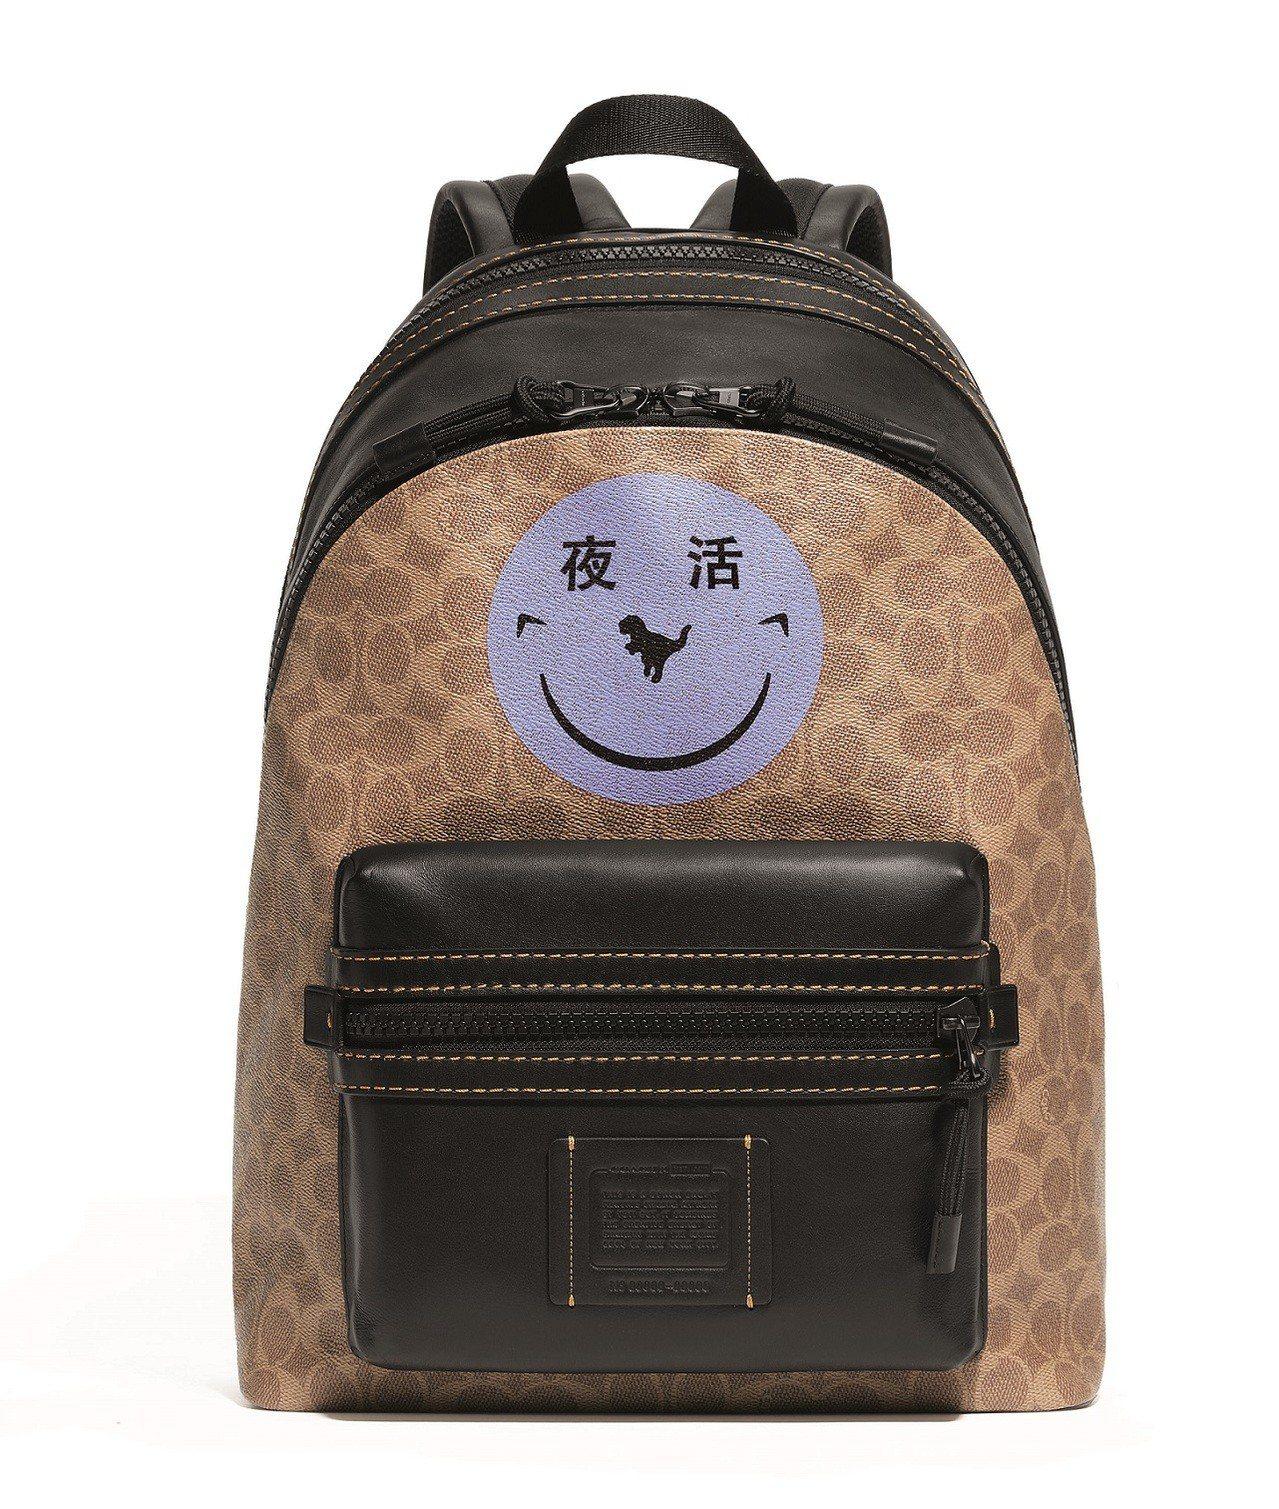 音樂團體YETI OUT笑臉塗鴉後背包,售價25,800元。圖/COACH提供